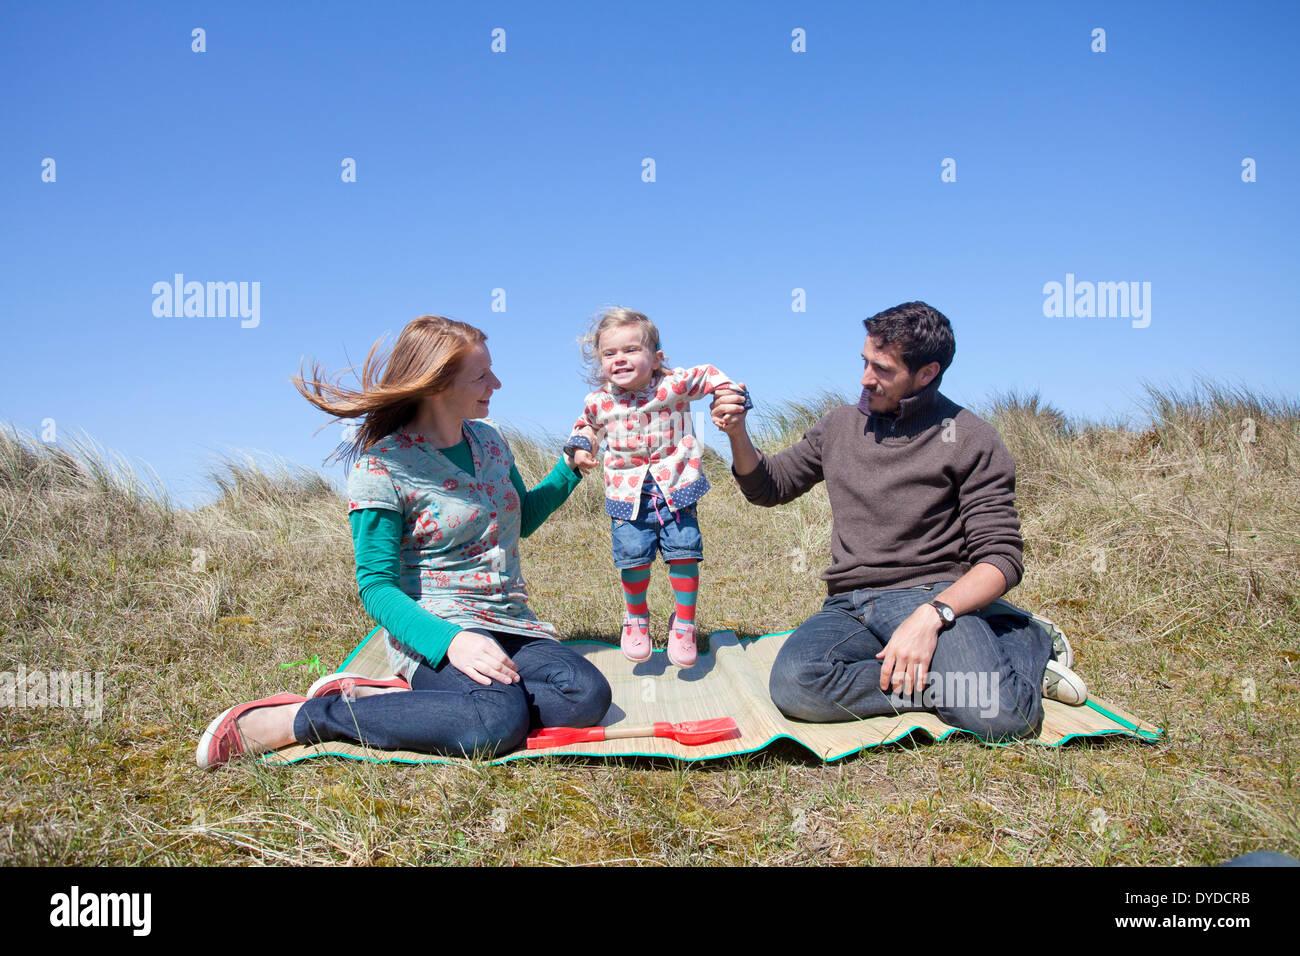 Una joven familia divirtiéndose en las dunas de arena en Horsey Beach, en la costa de Norfolk. Imagen De Stock